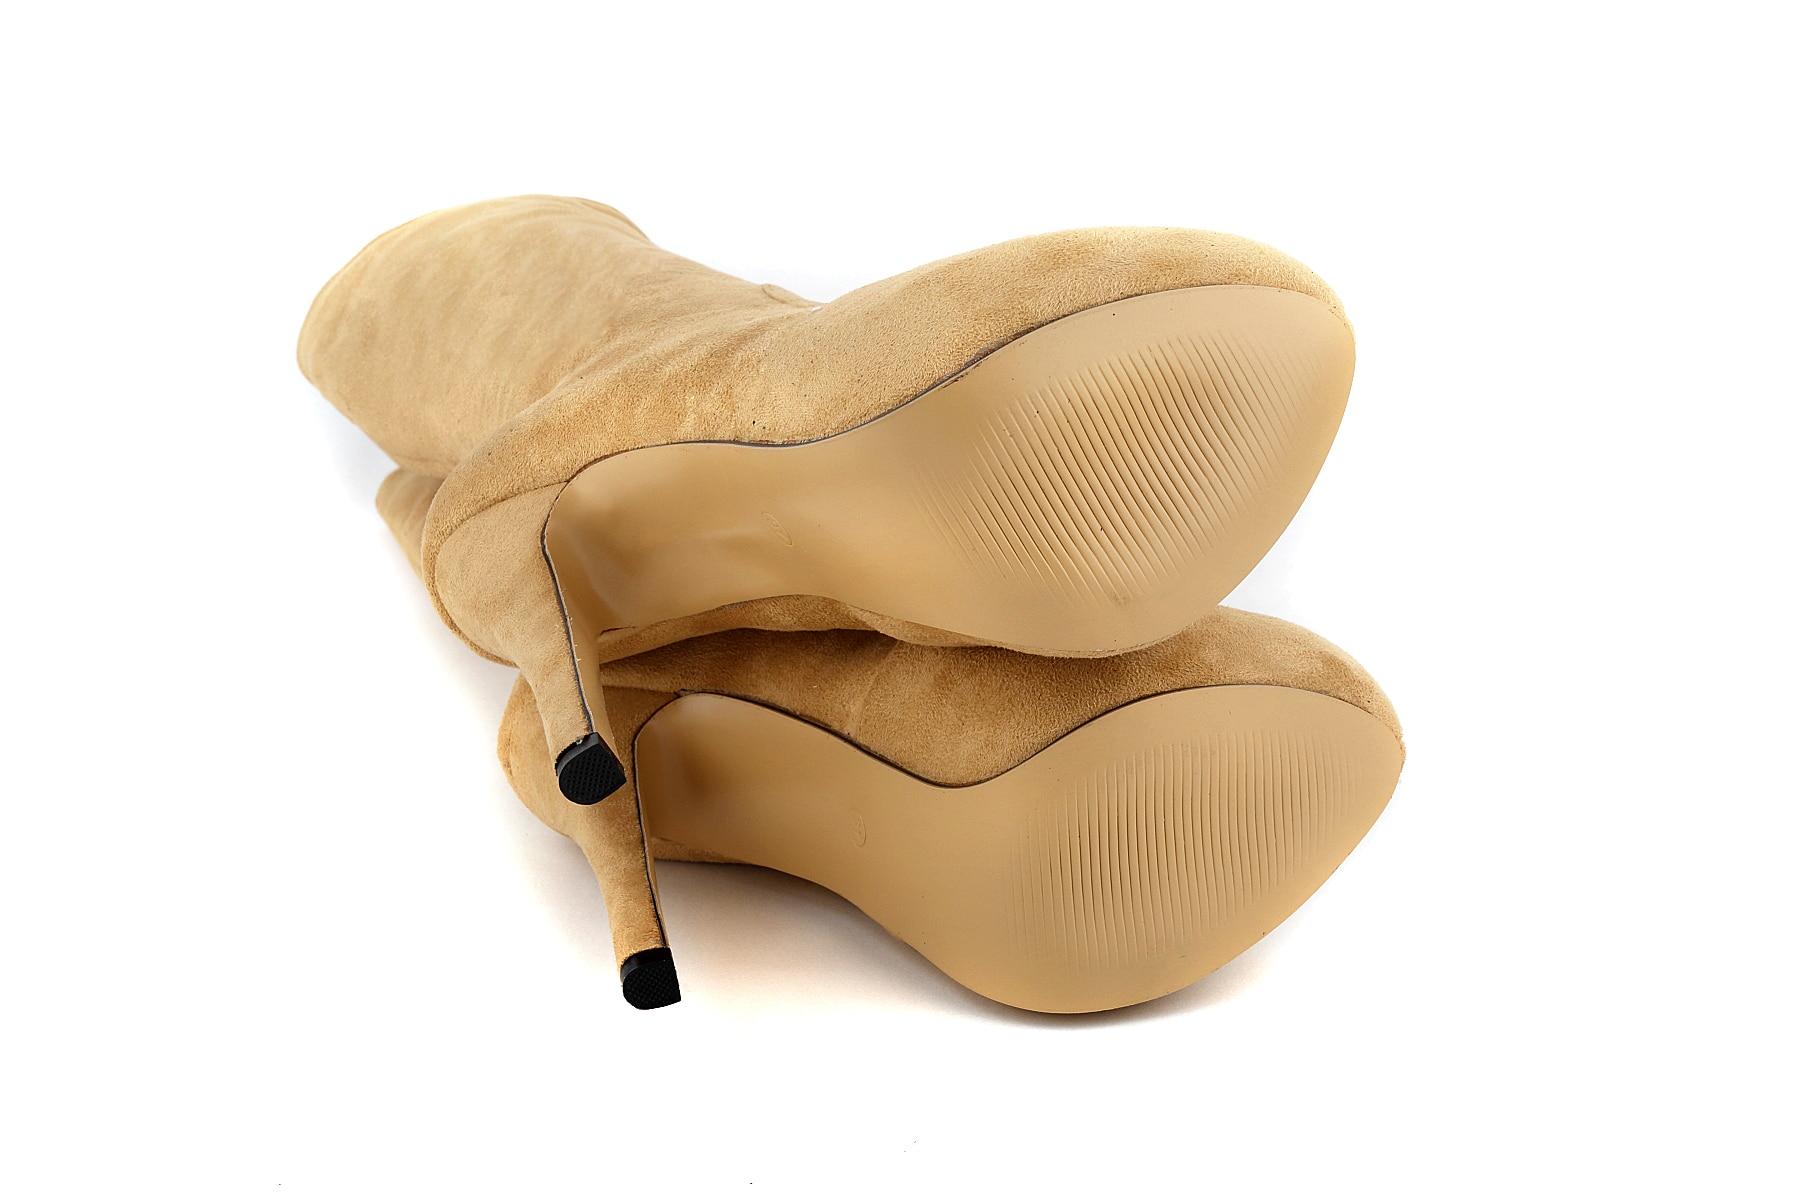 Invierno Plataforma Las Zapatos 819 Pierna 6ve Rebaño De Botas grey Moda Loslandifen Nude Ternero Redonda Hasta Mujeres Rodilla Mediados Punta La Mujer coffee aXvU4WWSq